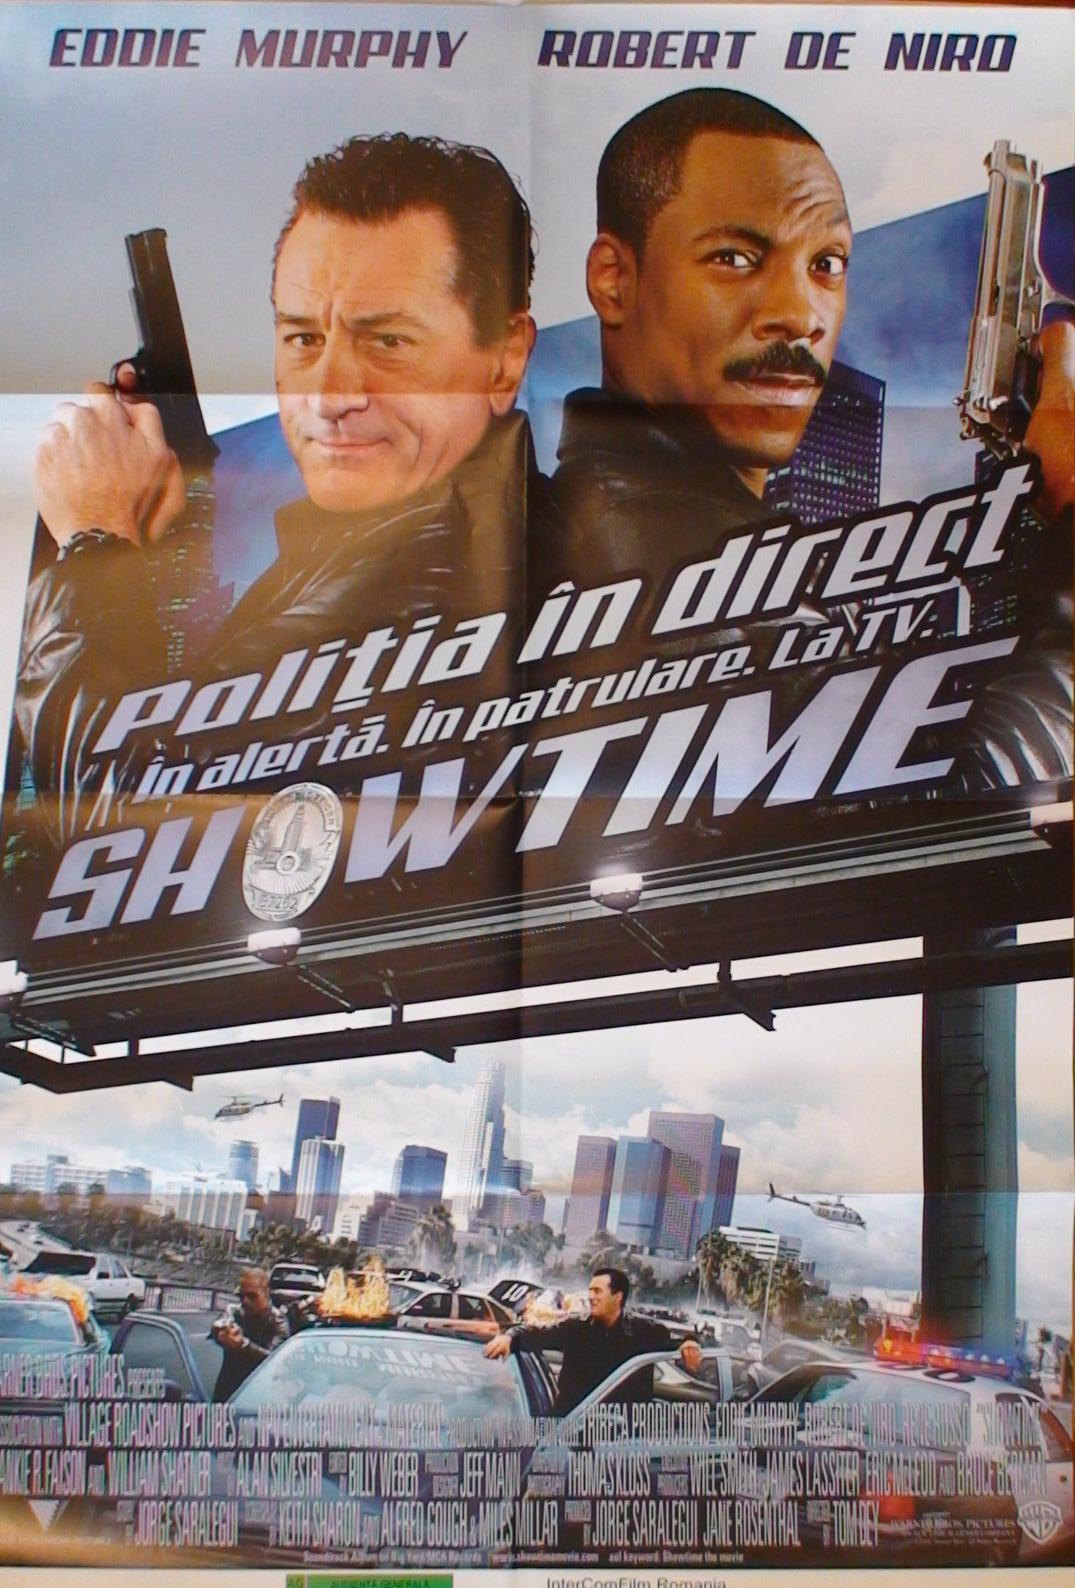 VINTAGE MOVIE POSTERS OF AMERICAN MOVIES, , movie